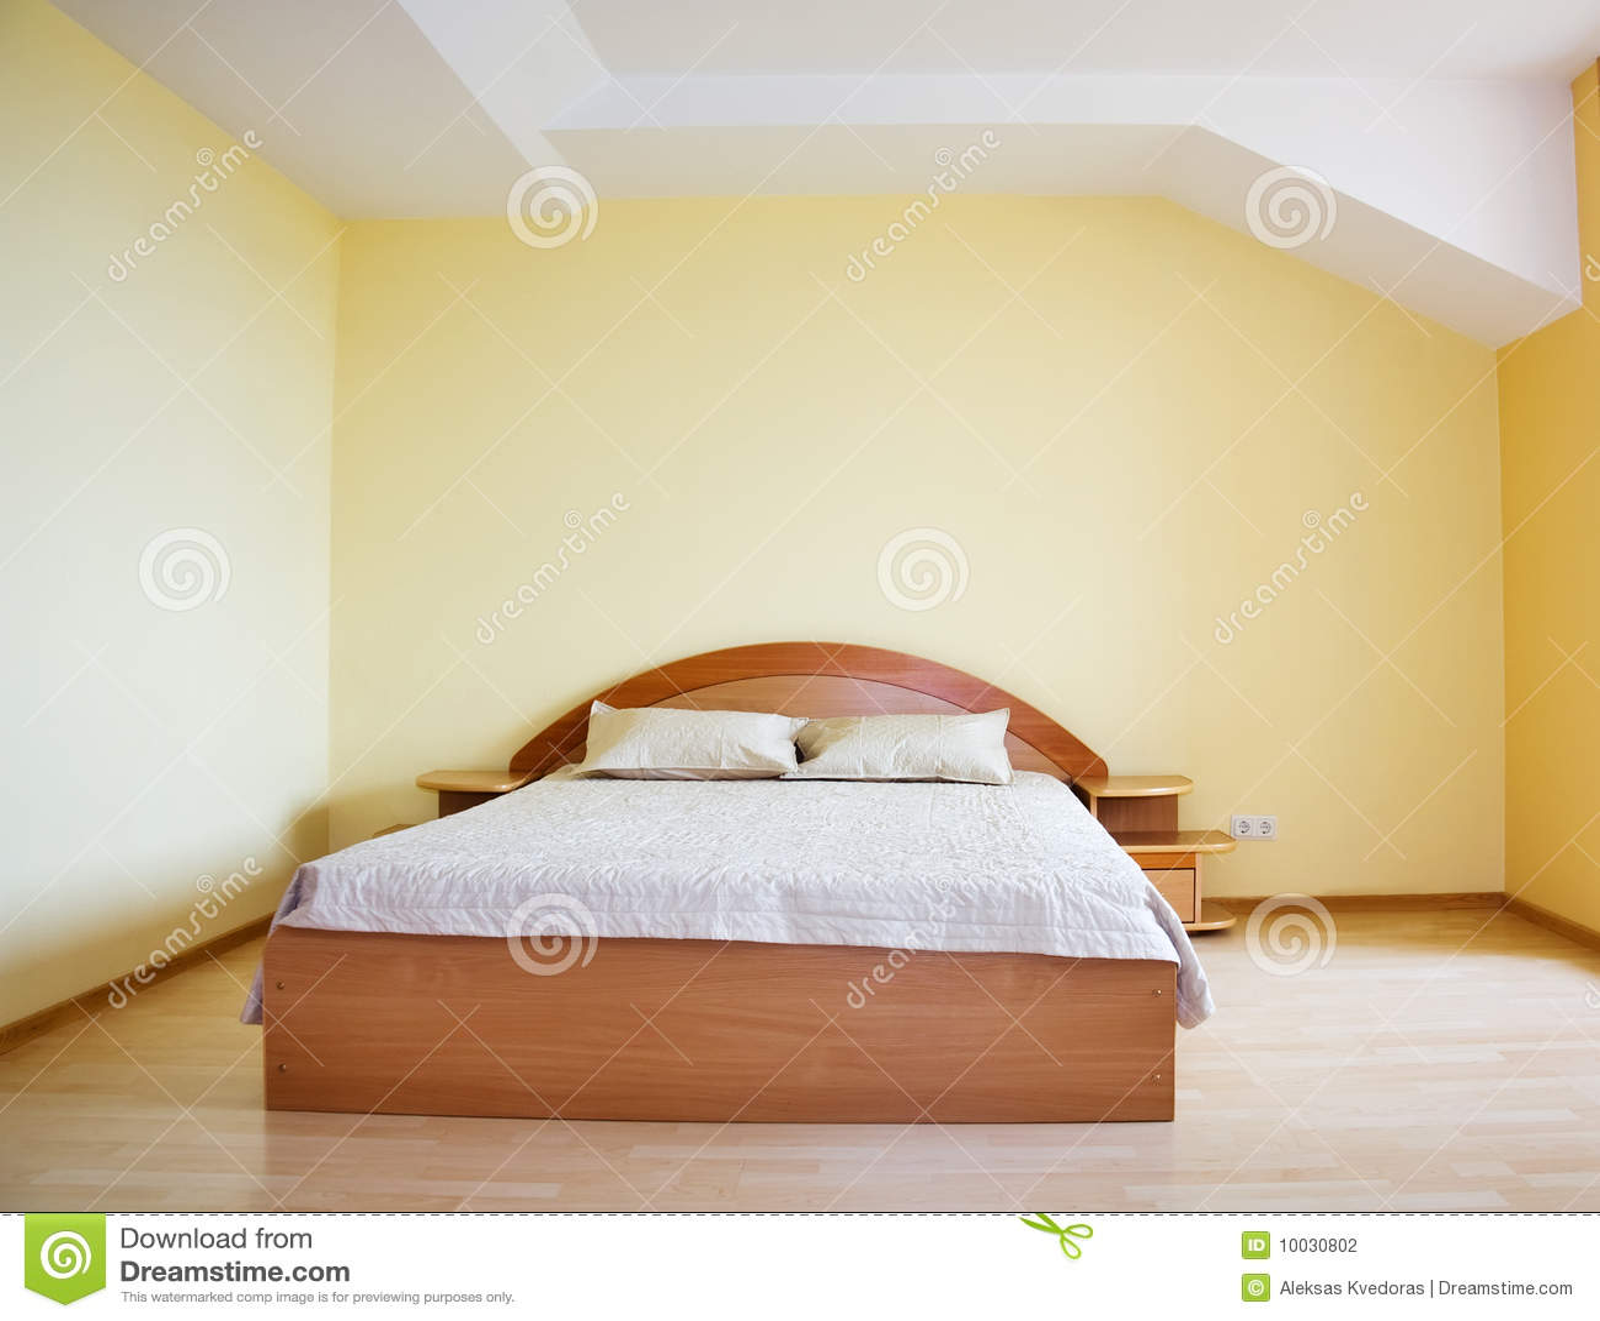 Gele slaapkamer stock foto's– 557 gele slaapkamer stock ...